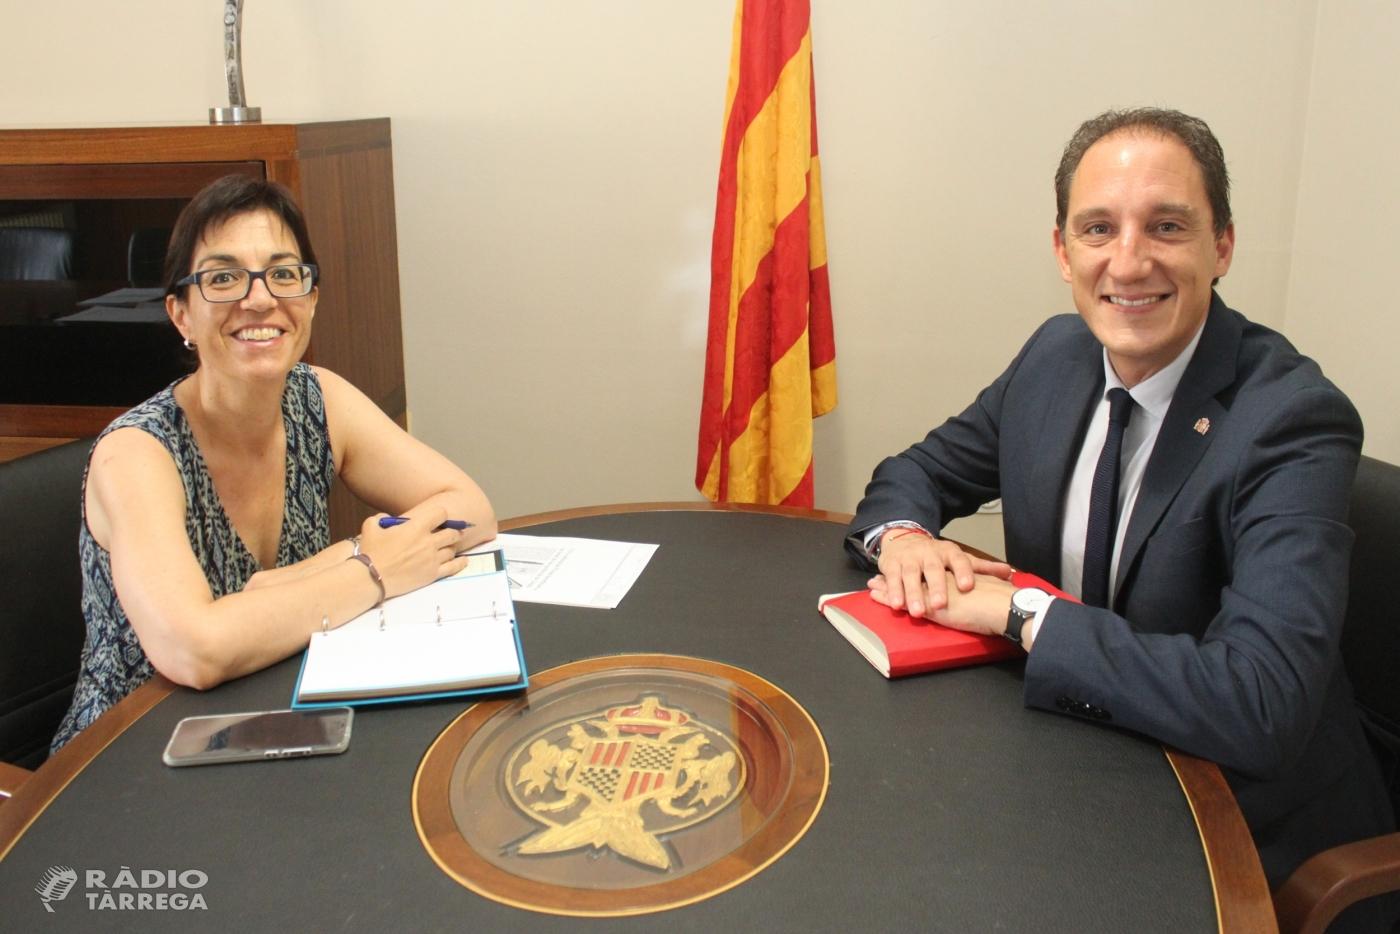 Reunió de treball entre l'alcaldessa de Tàrrega i el subdelegat del Govern a Lleida